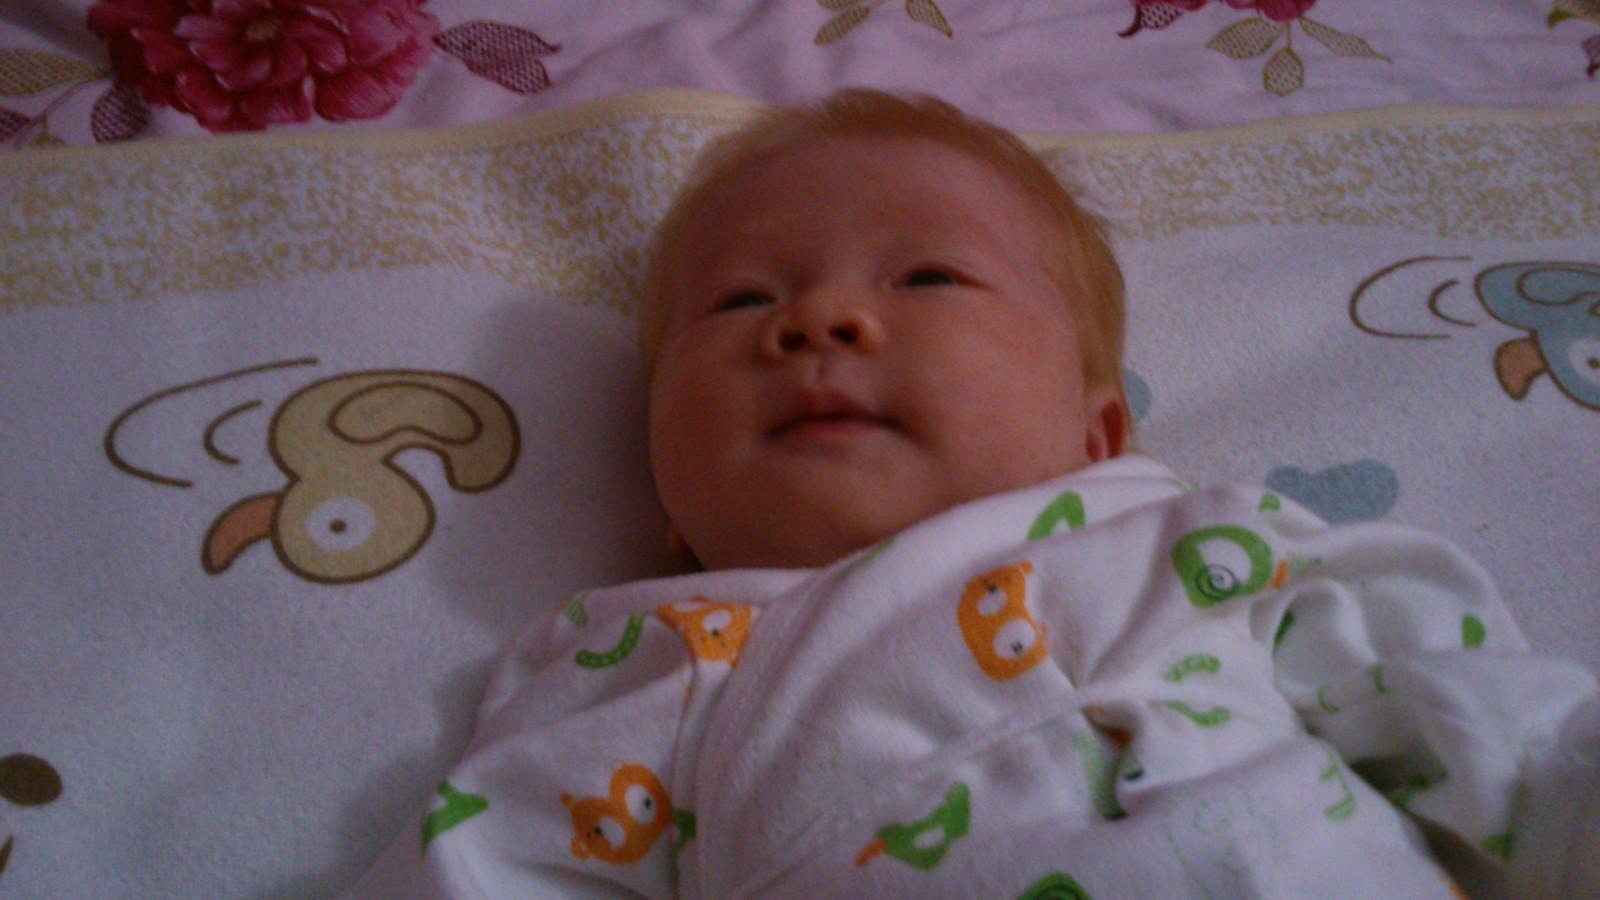 宝宝 壁纸 孩子 小孩 婴儿 1600_900